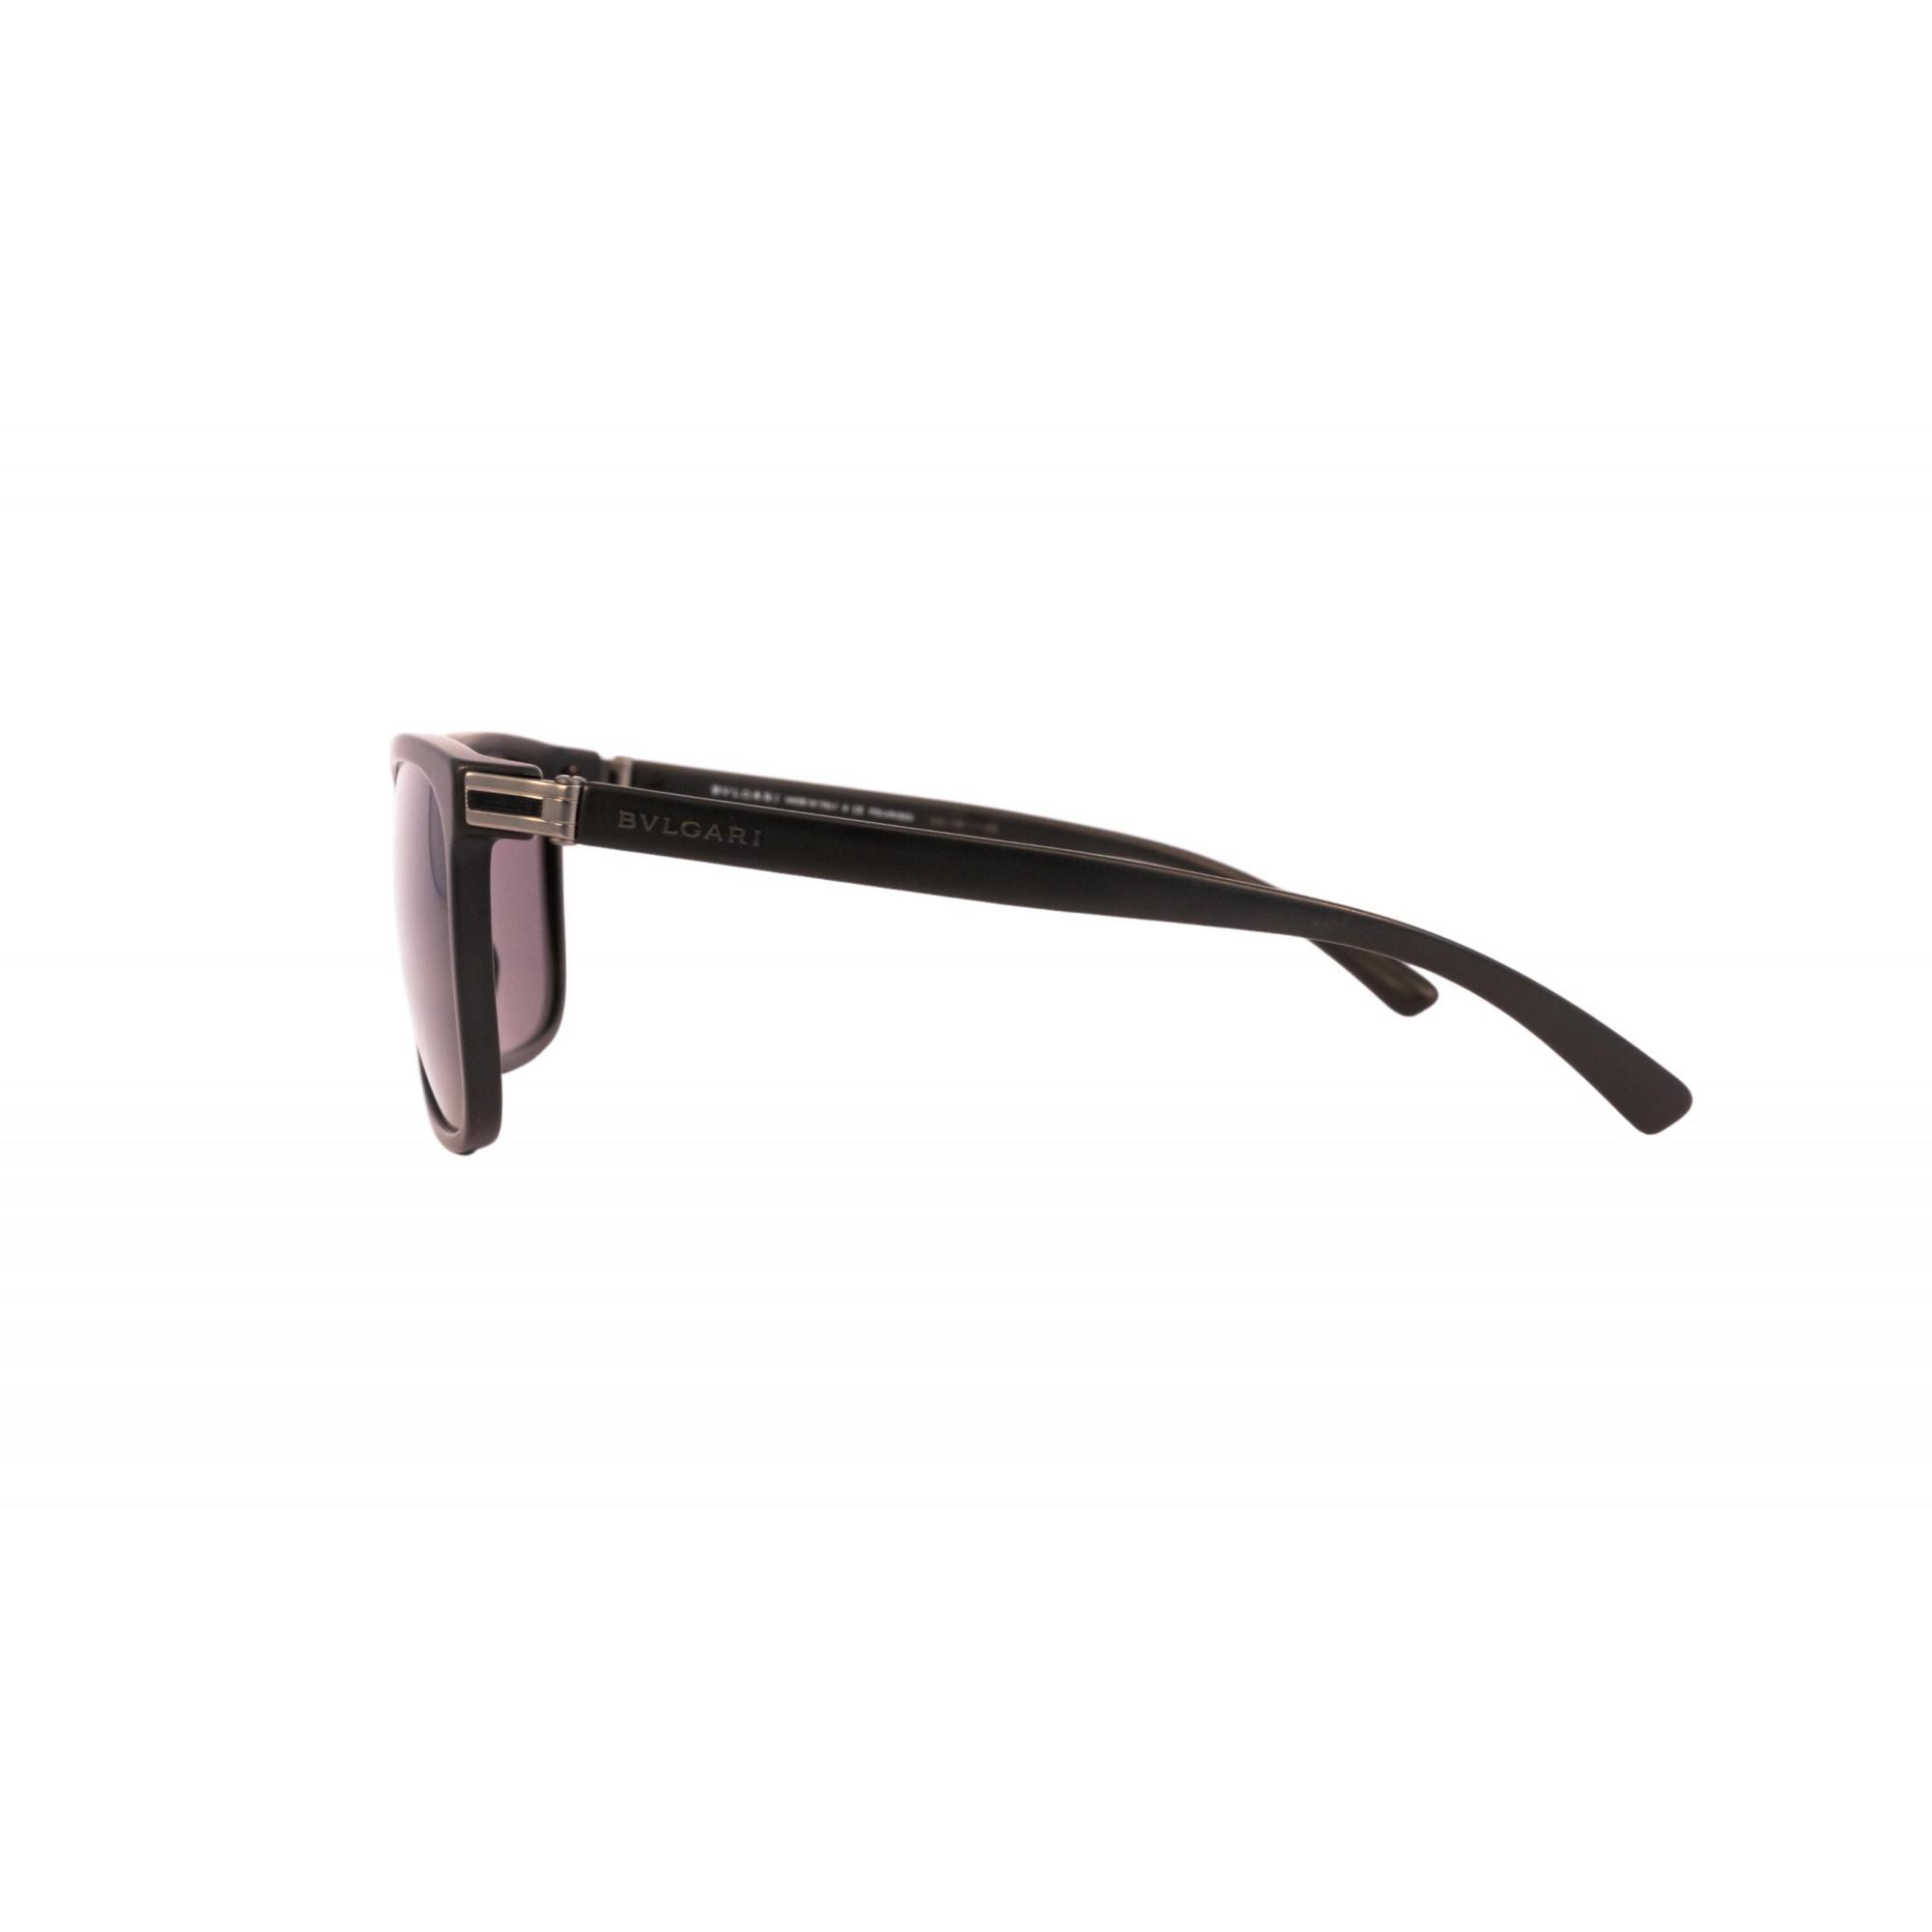 Óculos Bvlgari Clássico bv7027 50187 57 Preto